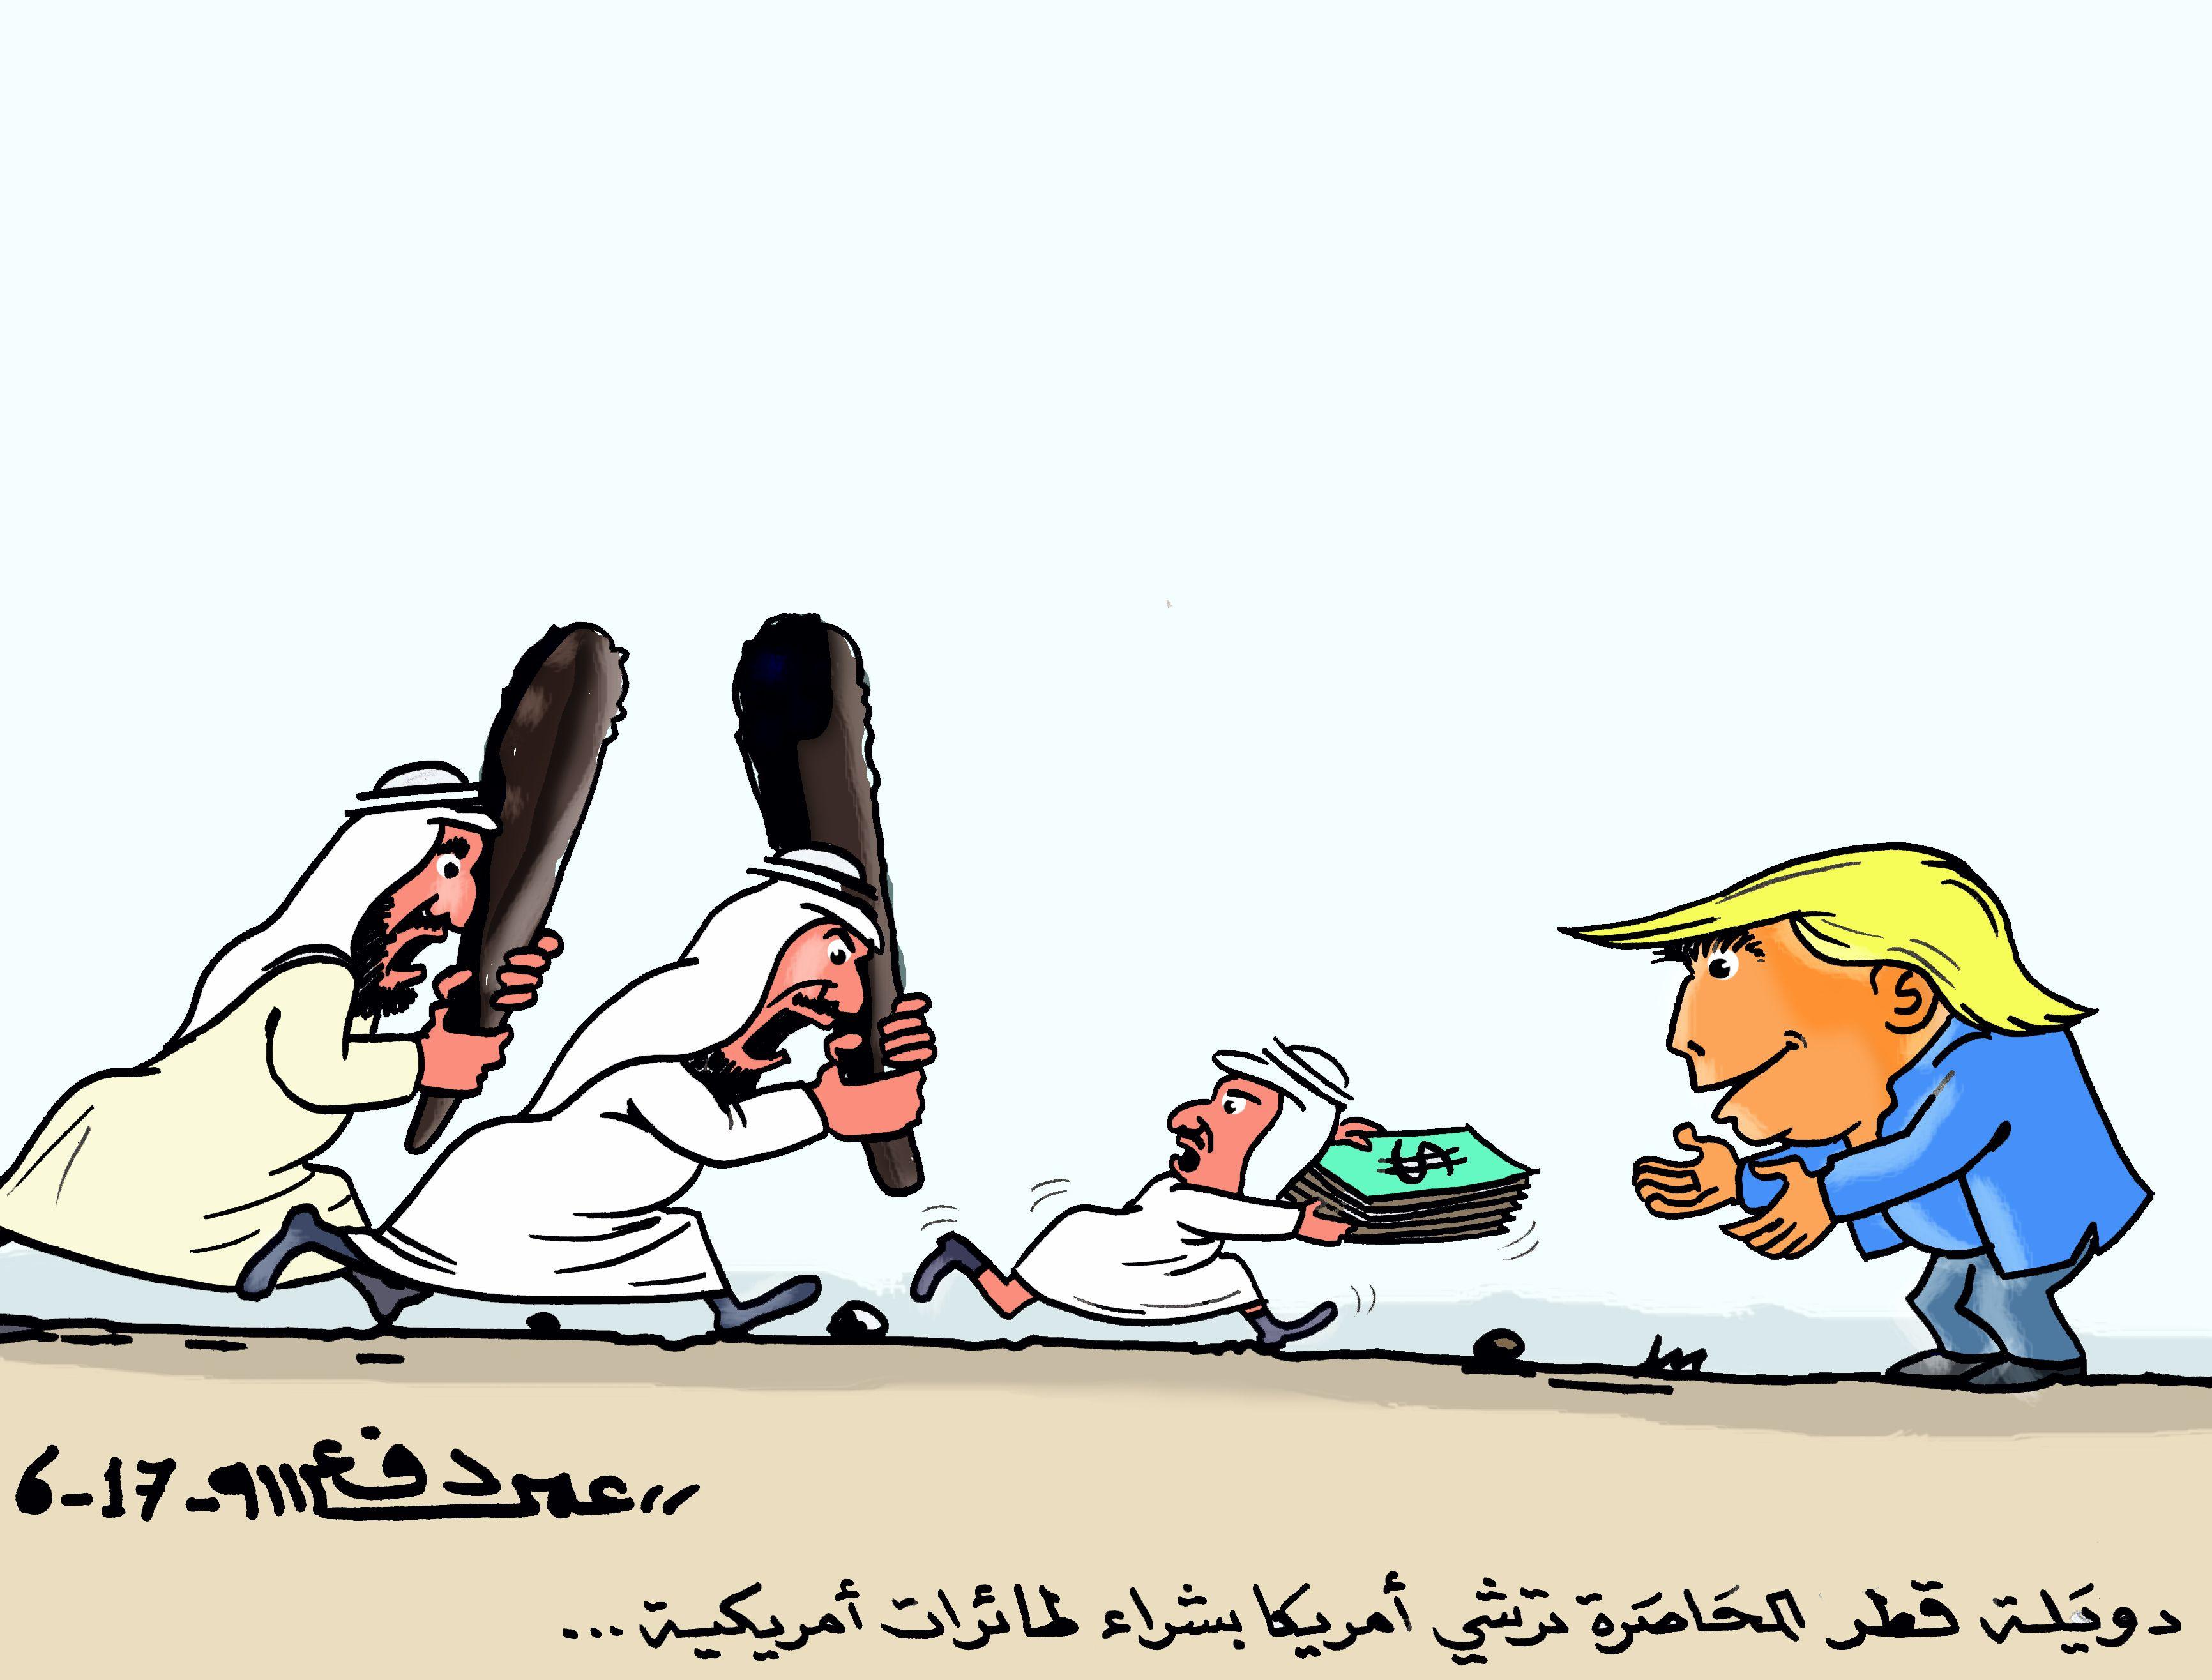 كاركاتير اليوم الموافق 17 يونيو 2017 للفنان عمر دفع الله عن  قطر